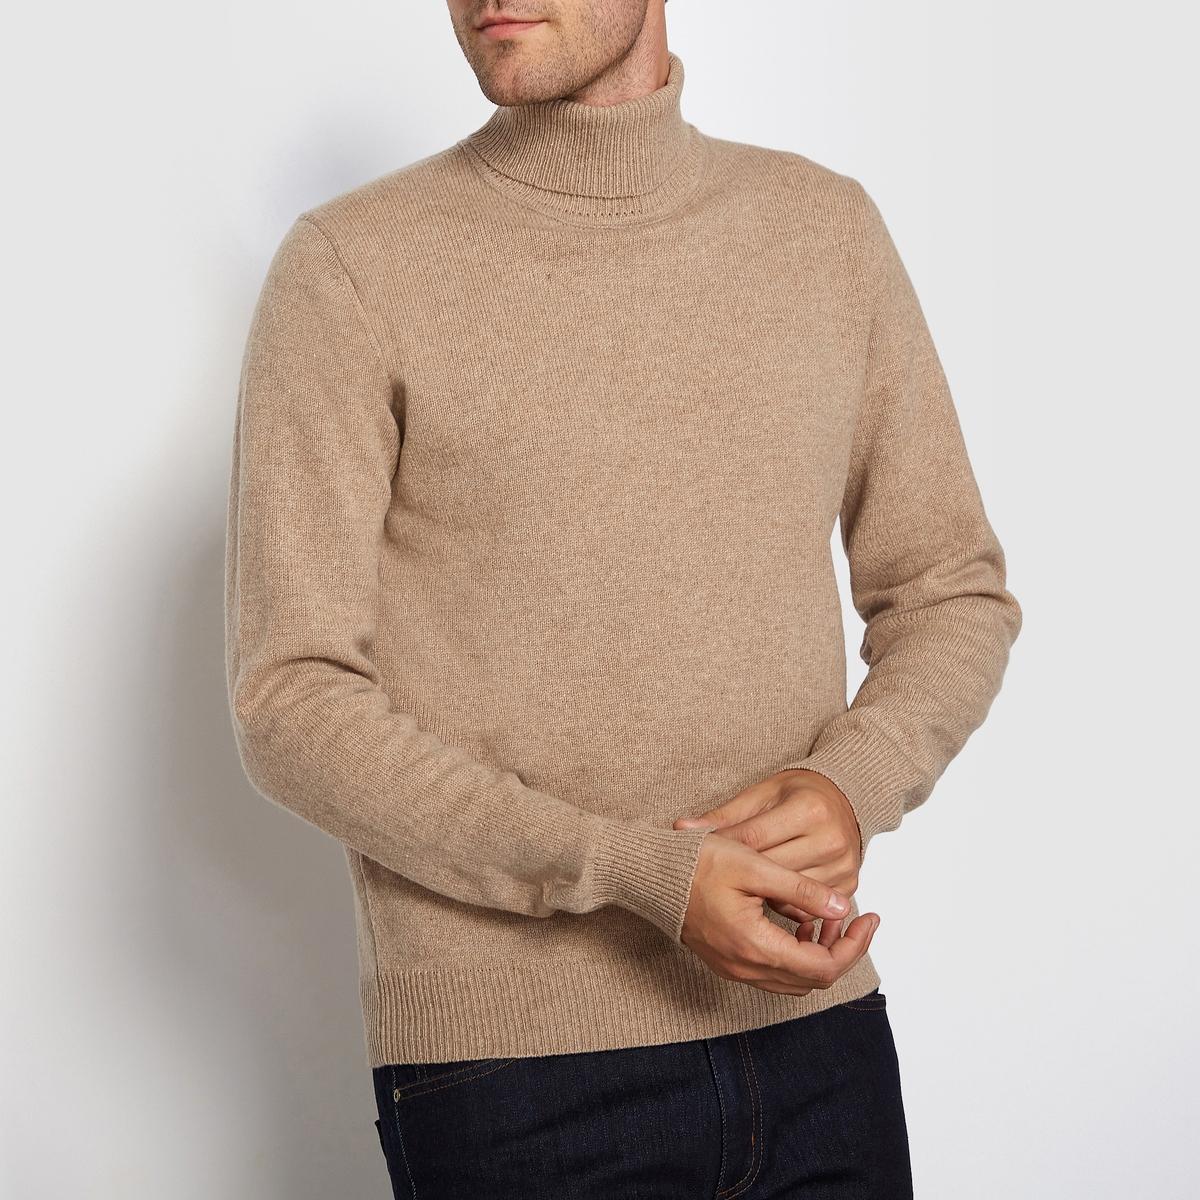 Пуловер с закатывающимся воротником 100% шерстьПуловер с закатывающимся воротником, 100% шерсть, R essentiel. Нежность и теплота 100% шерсти ягненка, высокий закатывающийся воротник - этот пуловер можно с удовольствием носить всю зиму на голое тело или с рубашкой в стиле casual. Материал : 100% шерсть ягненка. Поярок.Пуловер с длинными рукавами.Воротник хомут.<br><br>Цвет: бежевый меланж,темно-синий<br>Размер: S.L.M